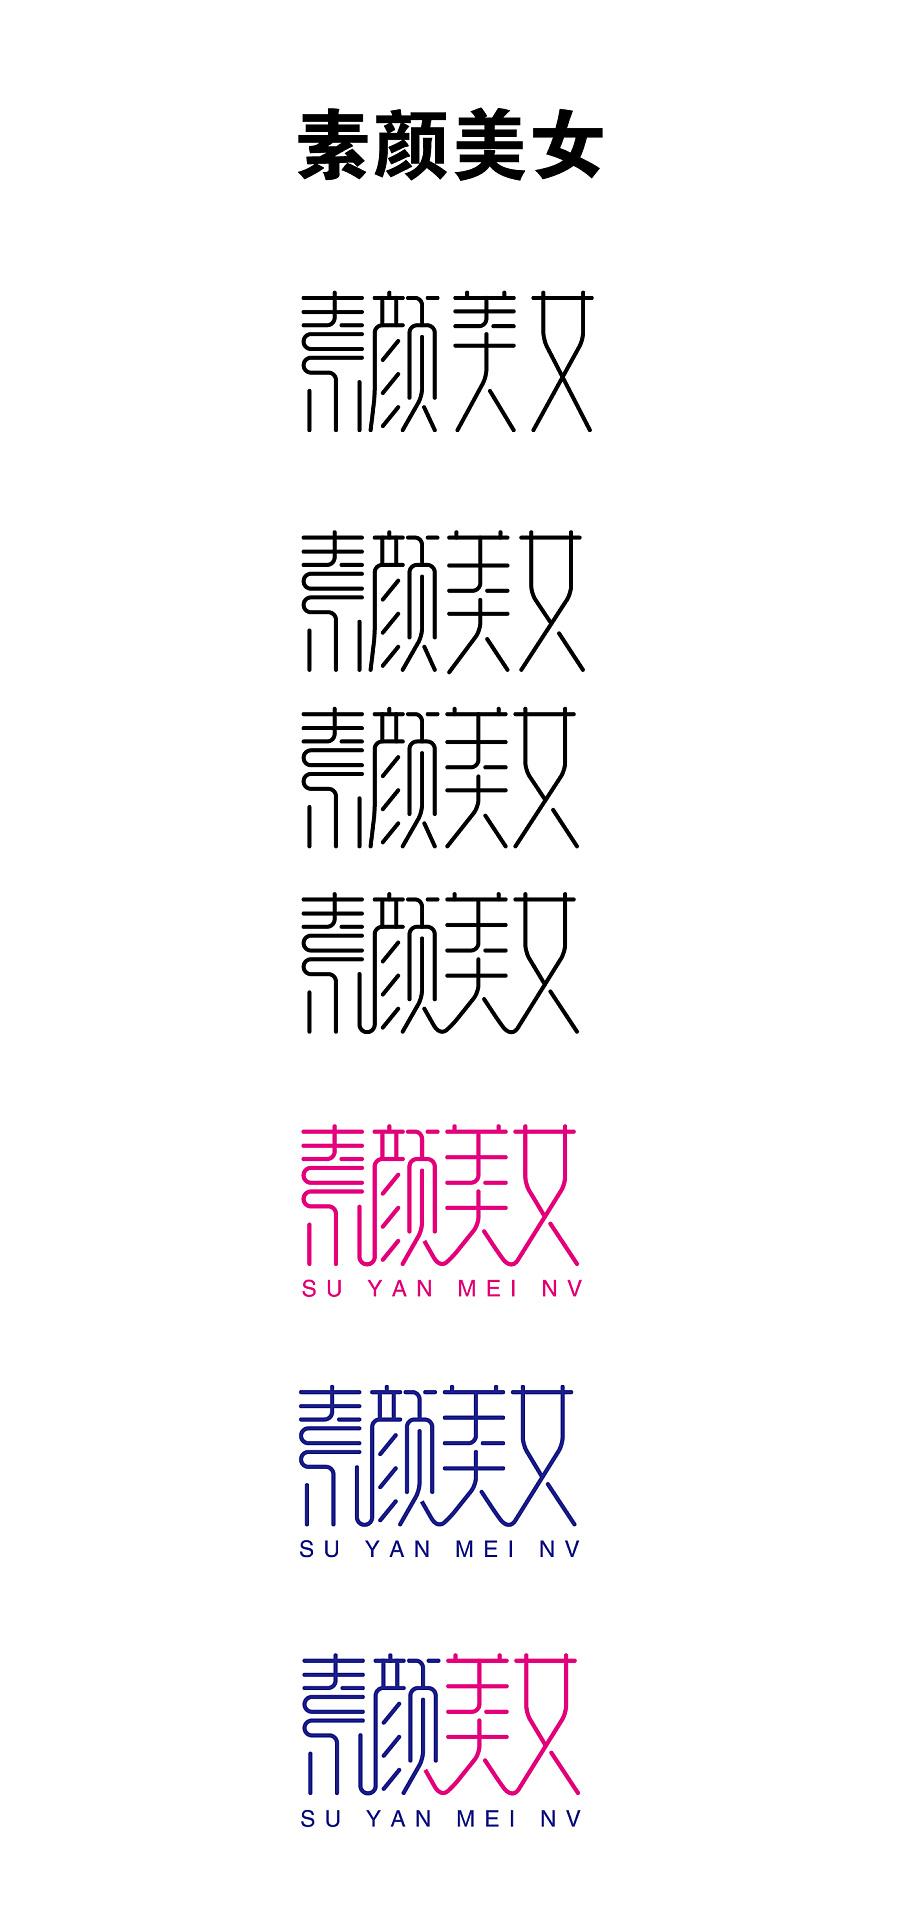 素颜美女 ai钢笔造字|字体/字形|平面|吕世龙 - 原创